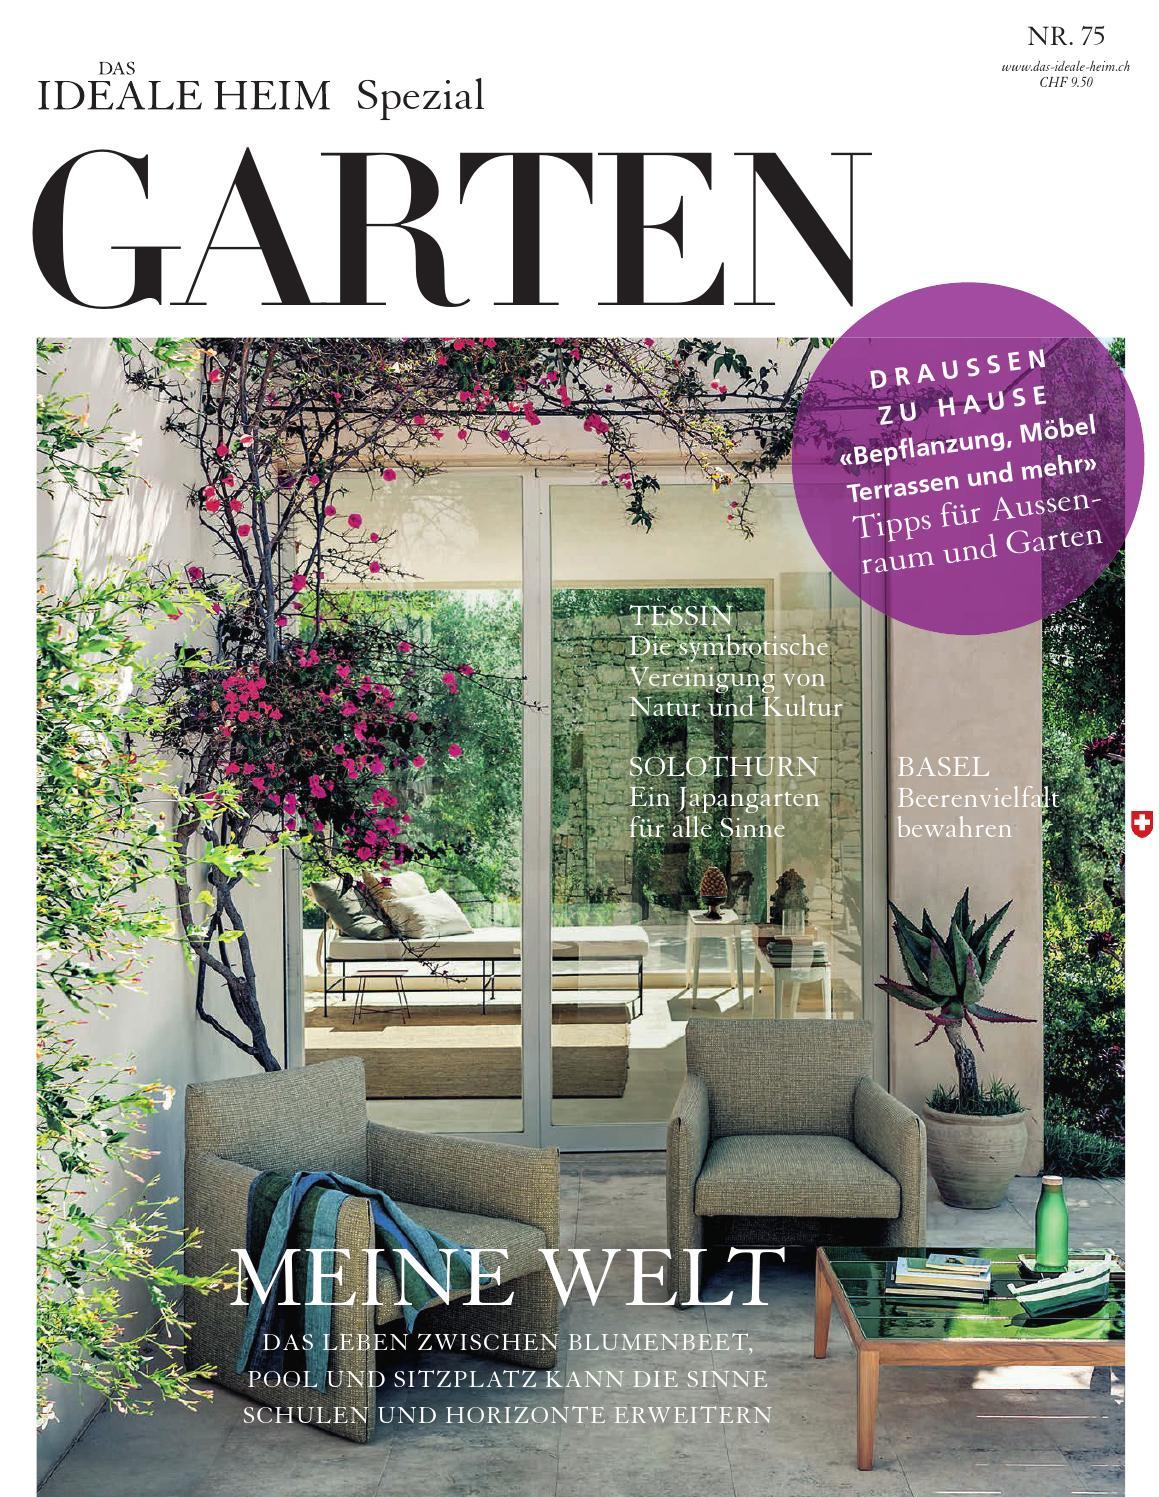 Das Ideale Heim Spezial – Garten 2016 by Archithema Verlag issuu